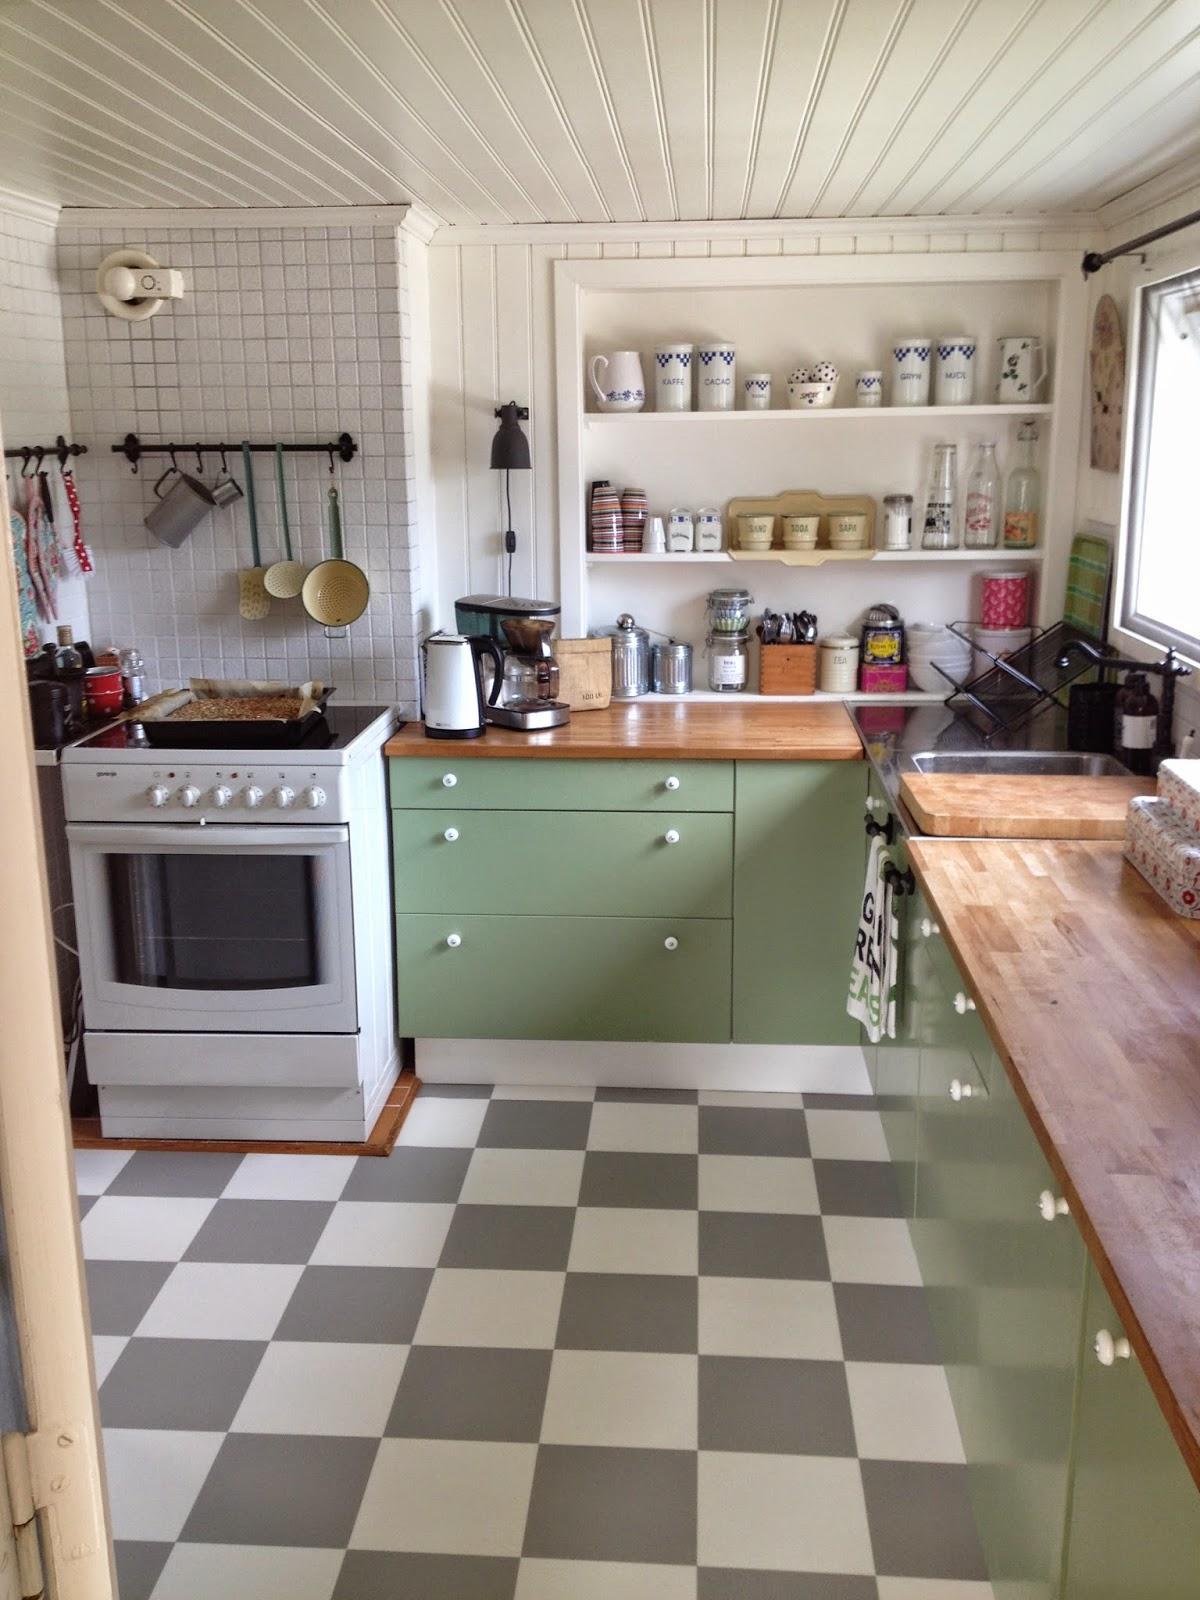 samma golv i kok och hall ~ interiörinspiration och idéer för hemdesign